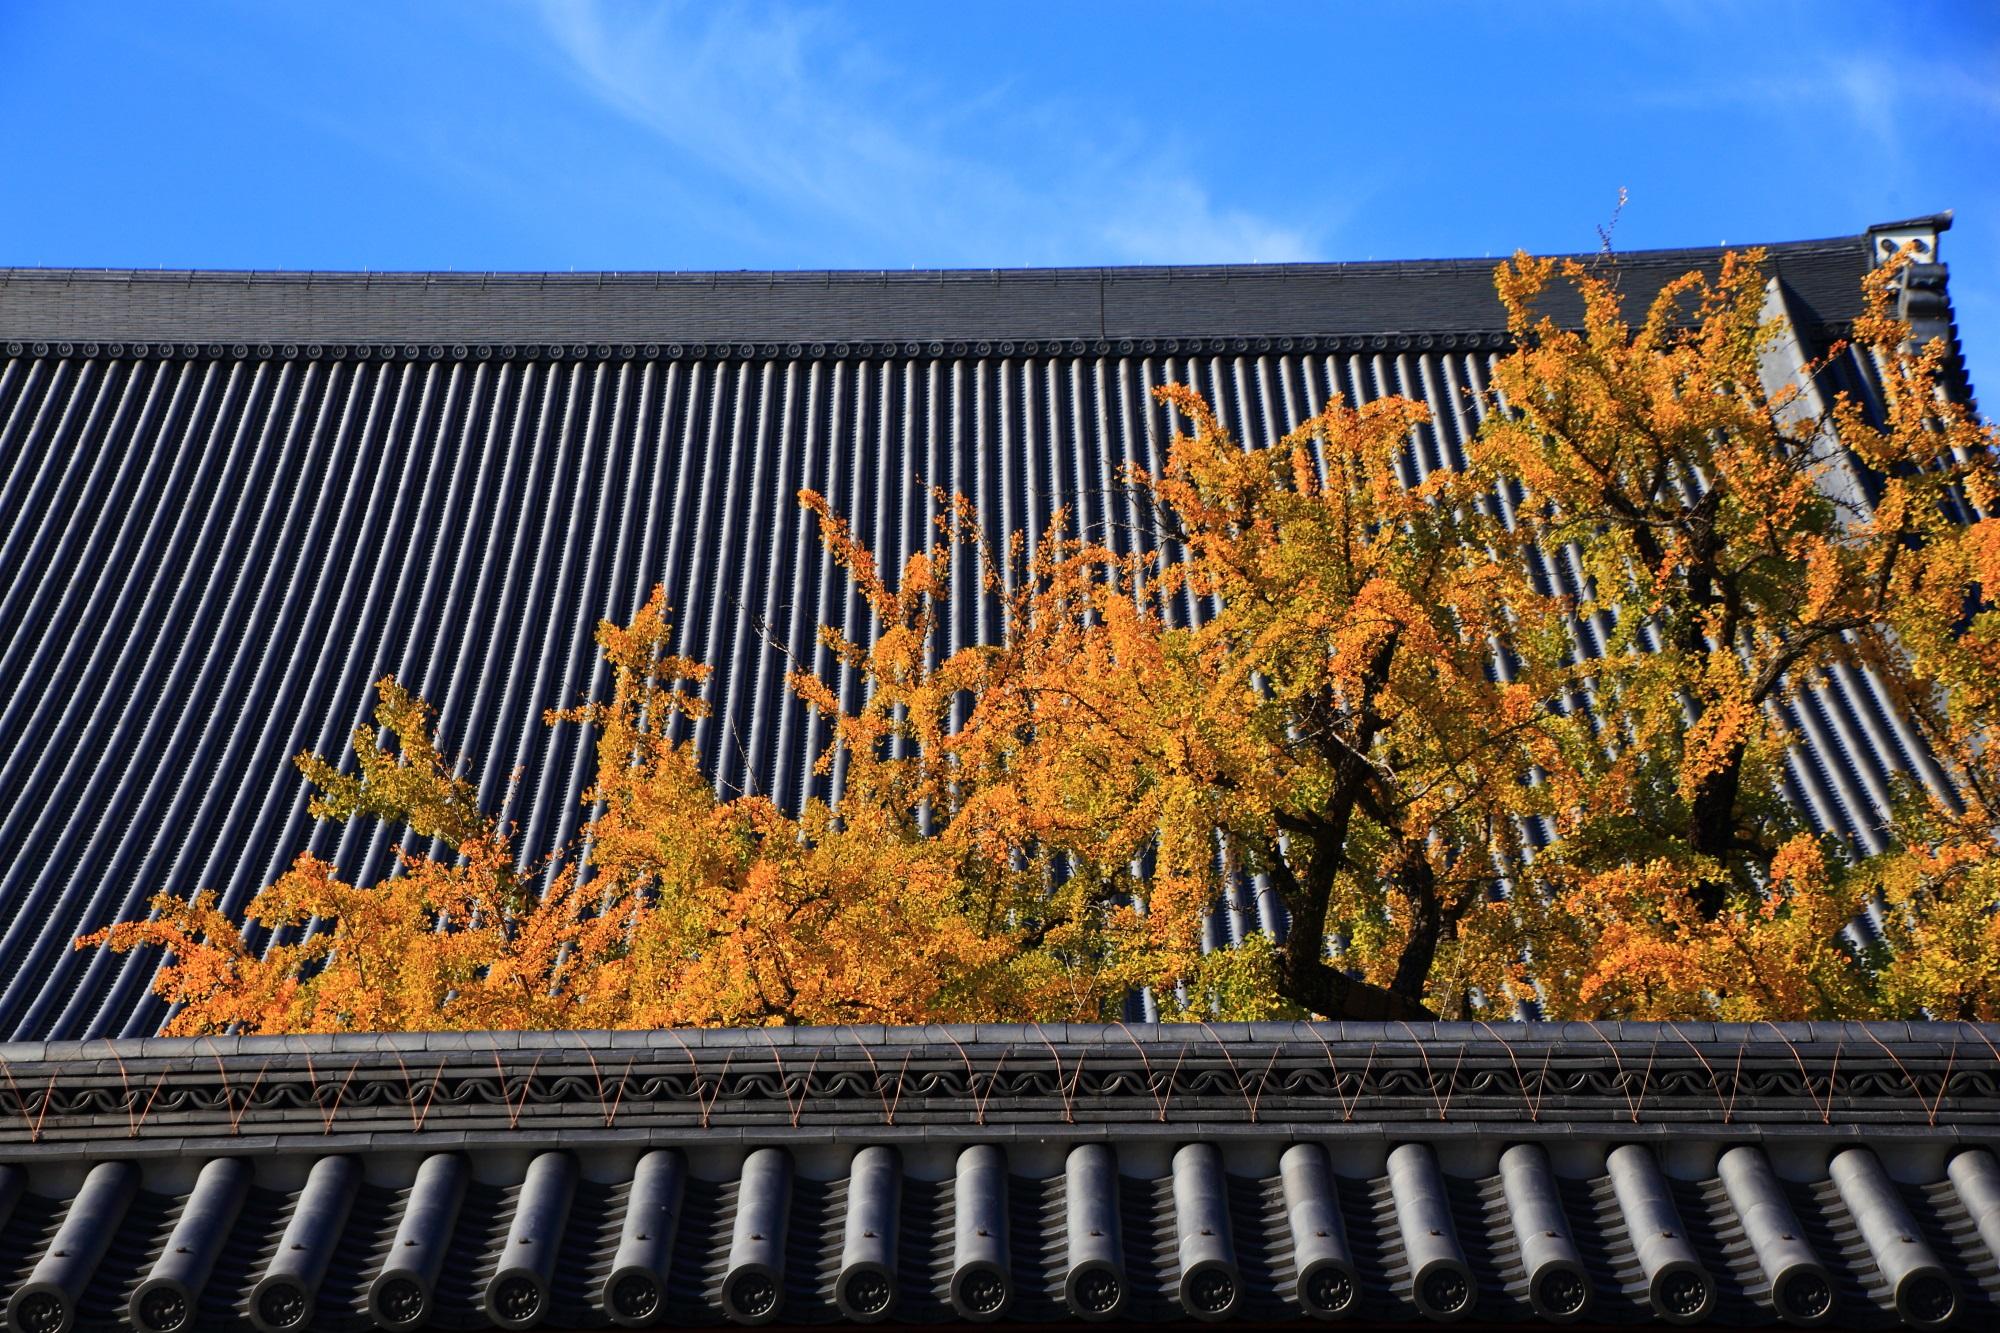 西本願寺の御影堂前の大きな逆さ銀杏